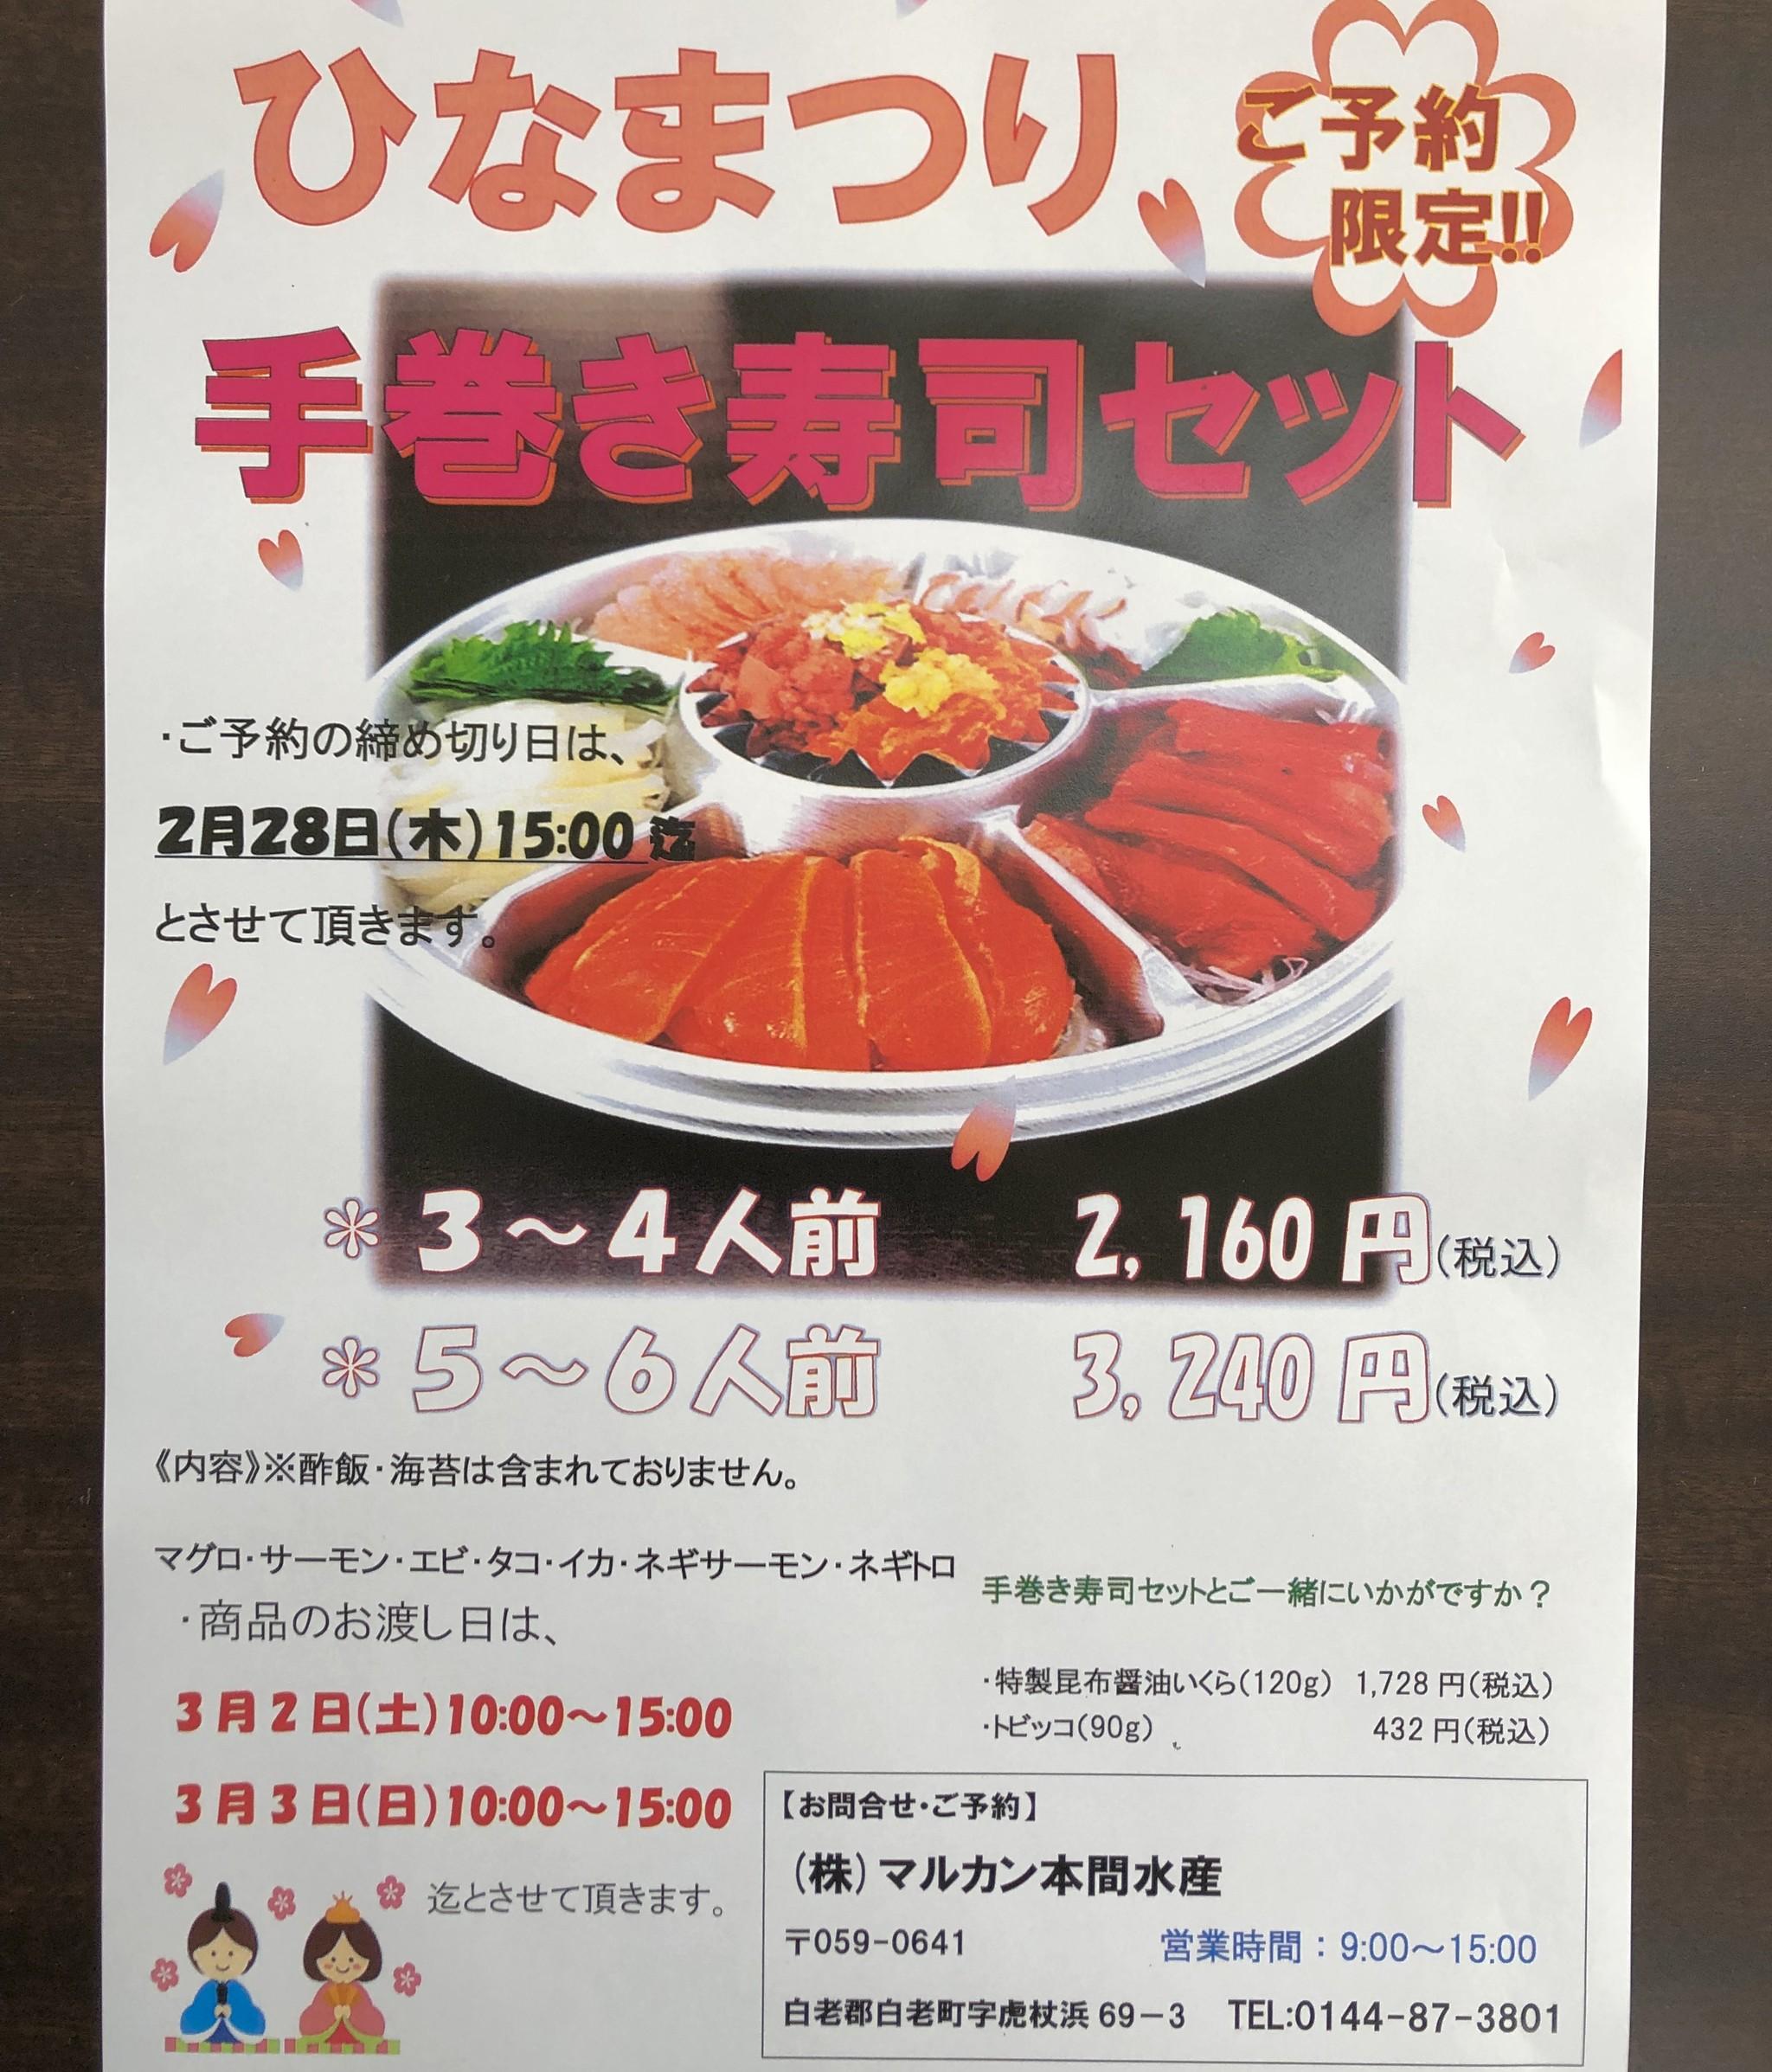 〜ひな祭り 手巻き寿司セットの販売〜